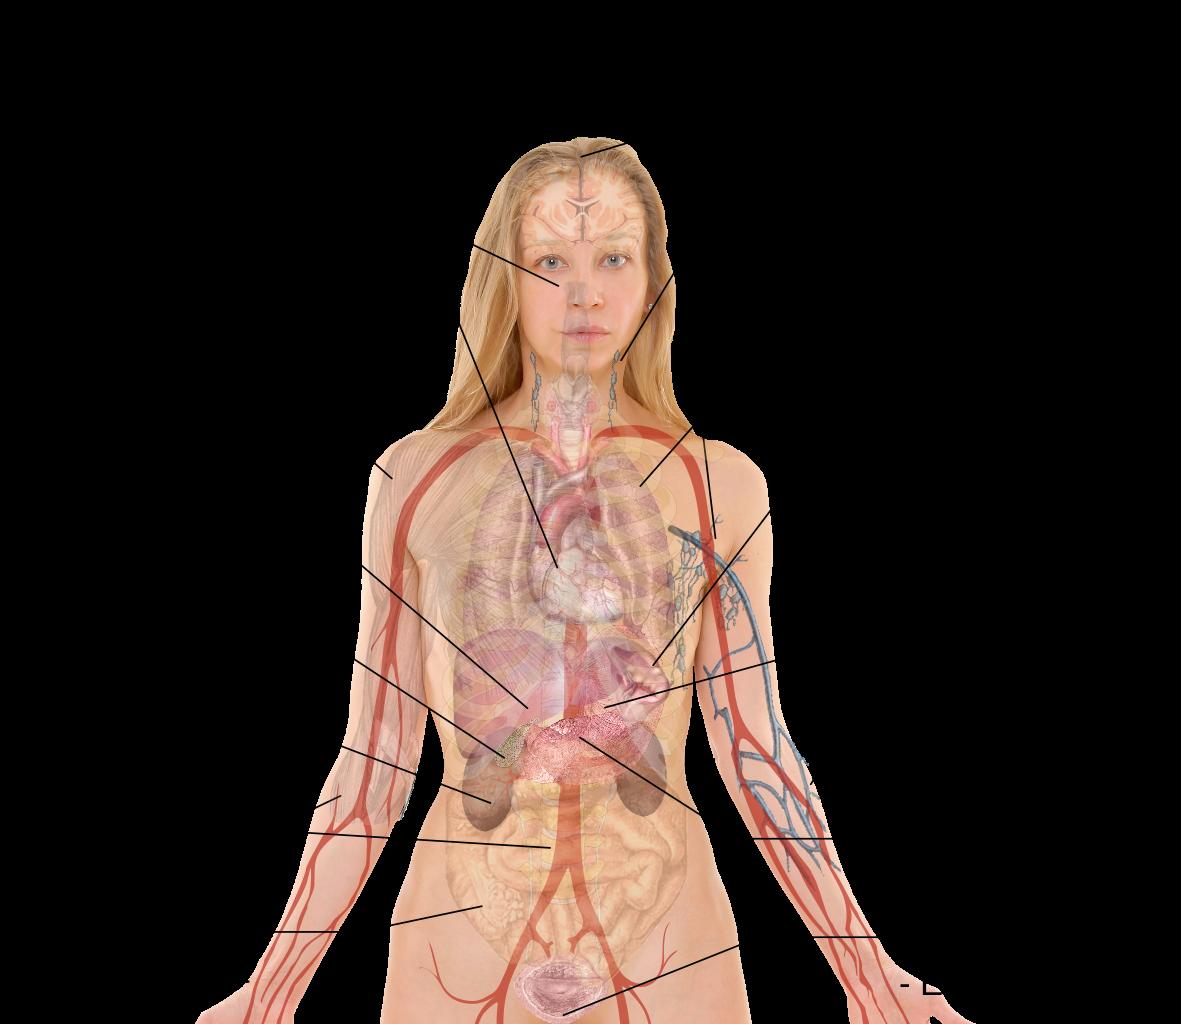 Anatomy Human Body Organs Female Tempat Untuk Dikunjungi